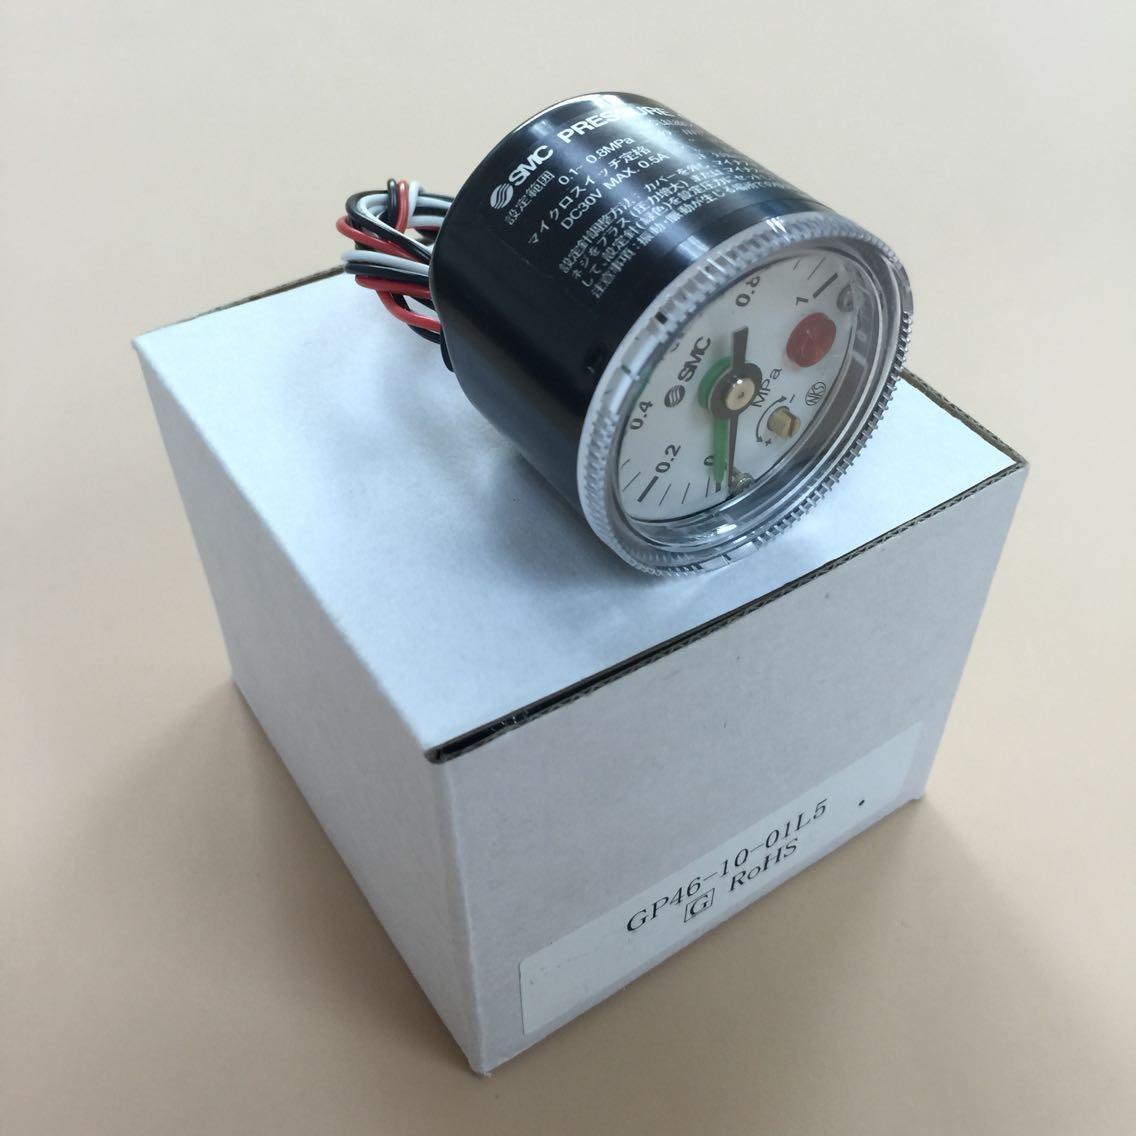 Original Pressure Gauge GP46-10-01L5 GP46-10-01L2 GP46-10-02L5 GP46-10-02L2